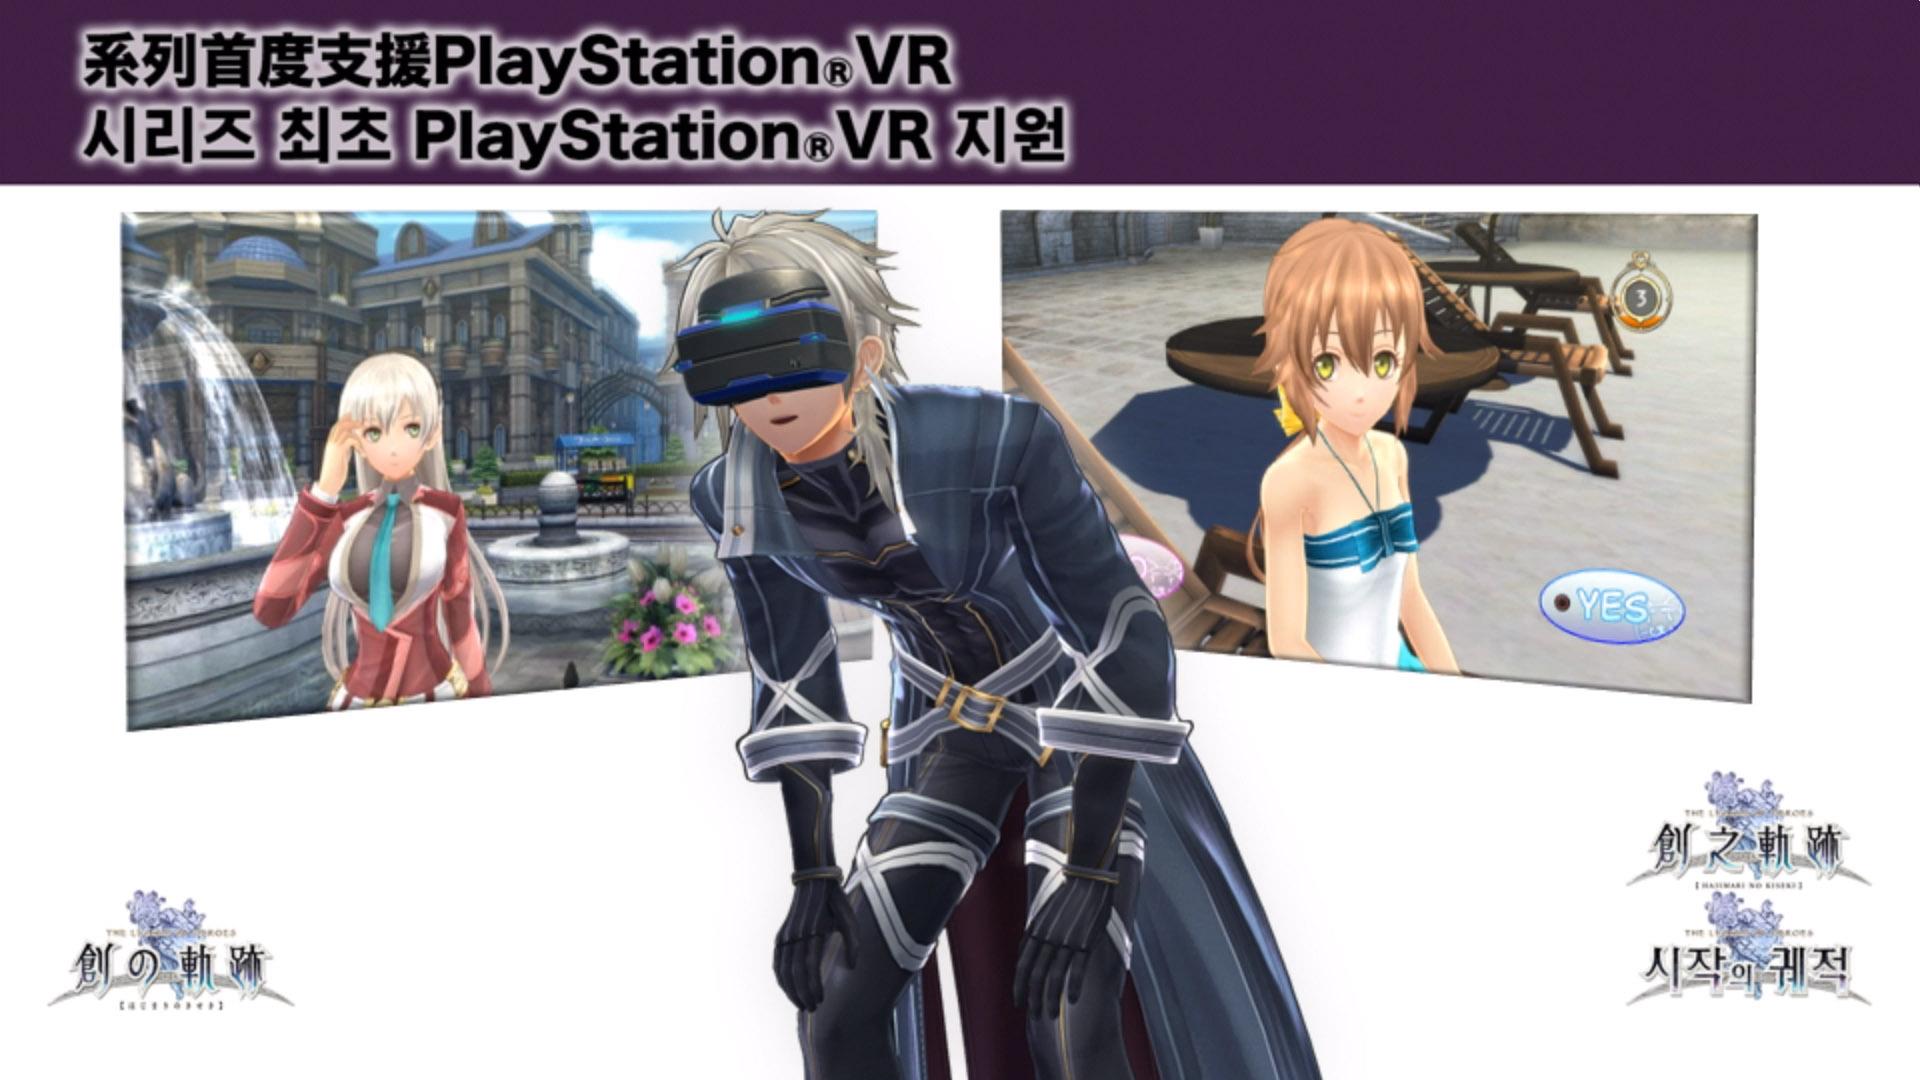 Novinky u Xenoblade Chronicles: DE nebo u Catherine na Switchi Hajimari no Kiseki PSVR Slide 05 27 20